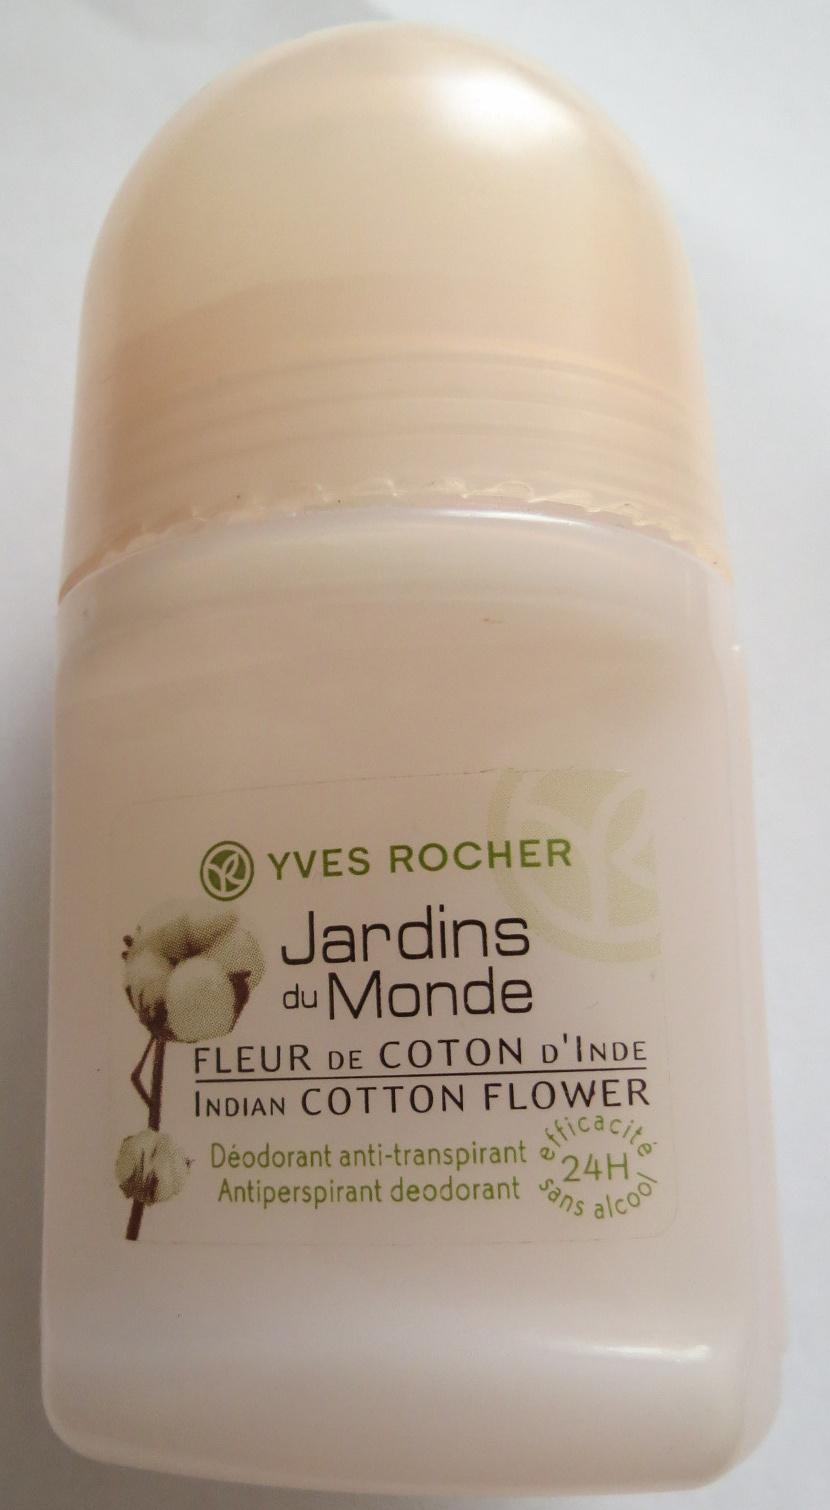 Jardins du monde Fleur de coton d'Inde - Produit - fr